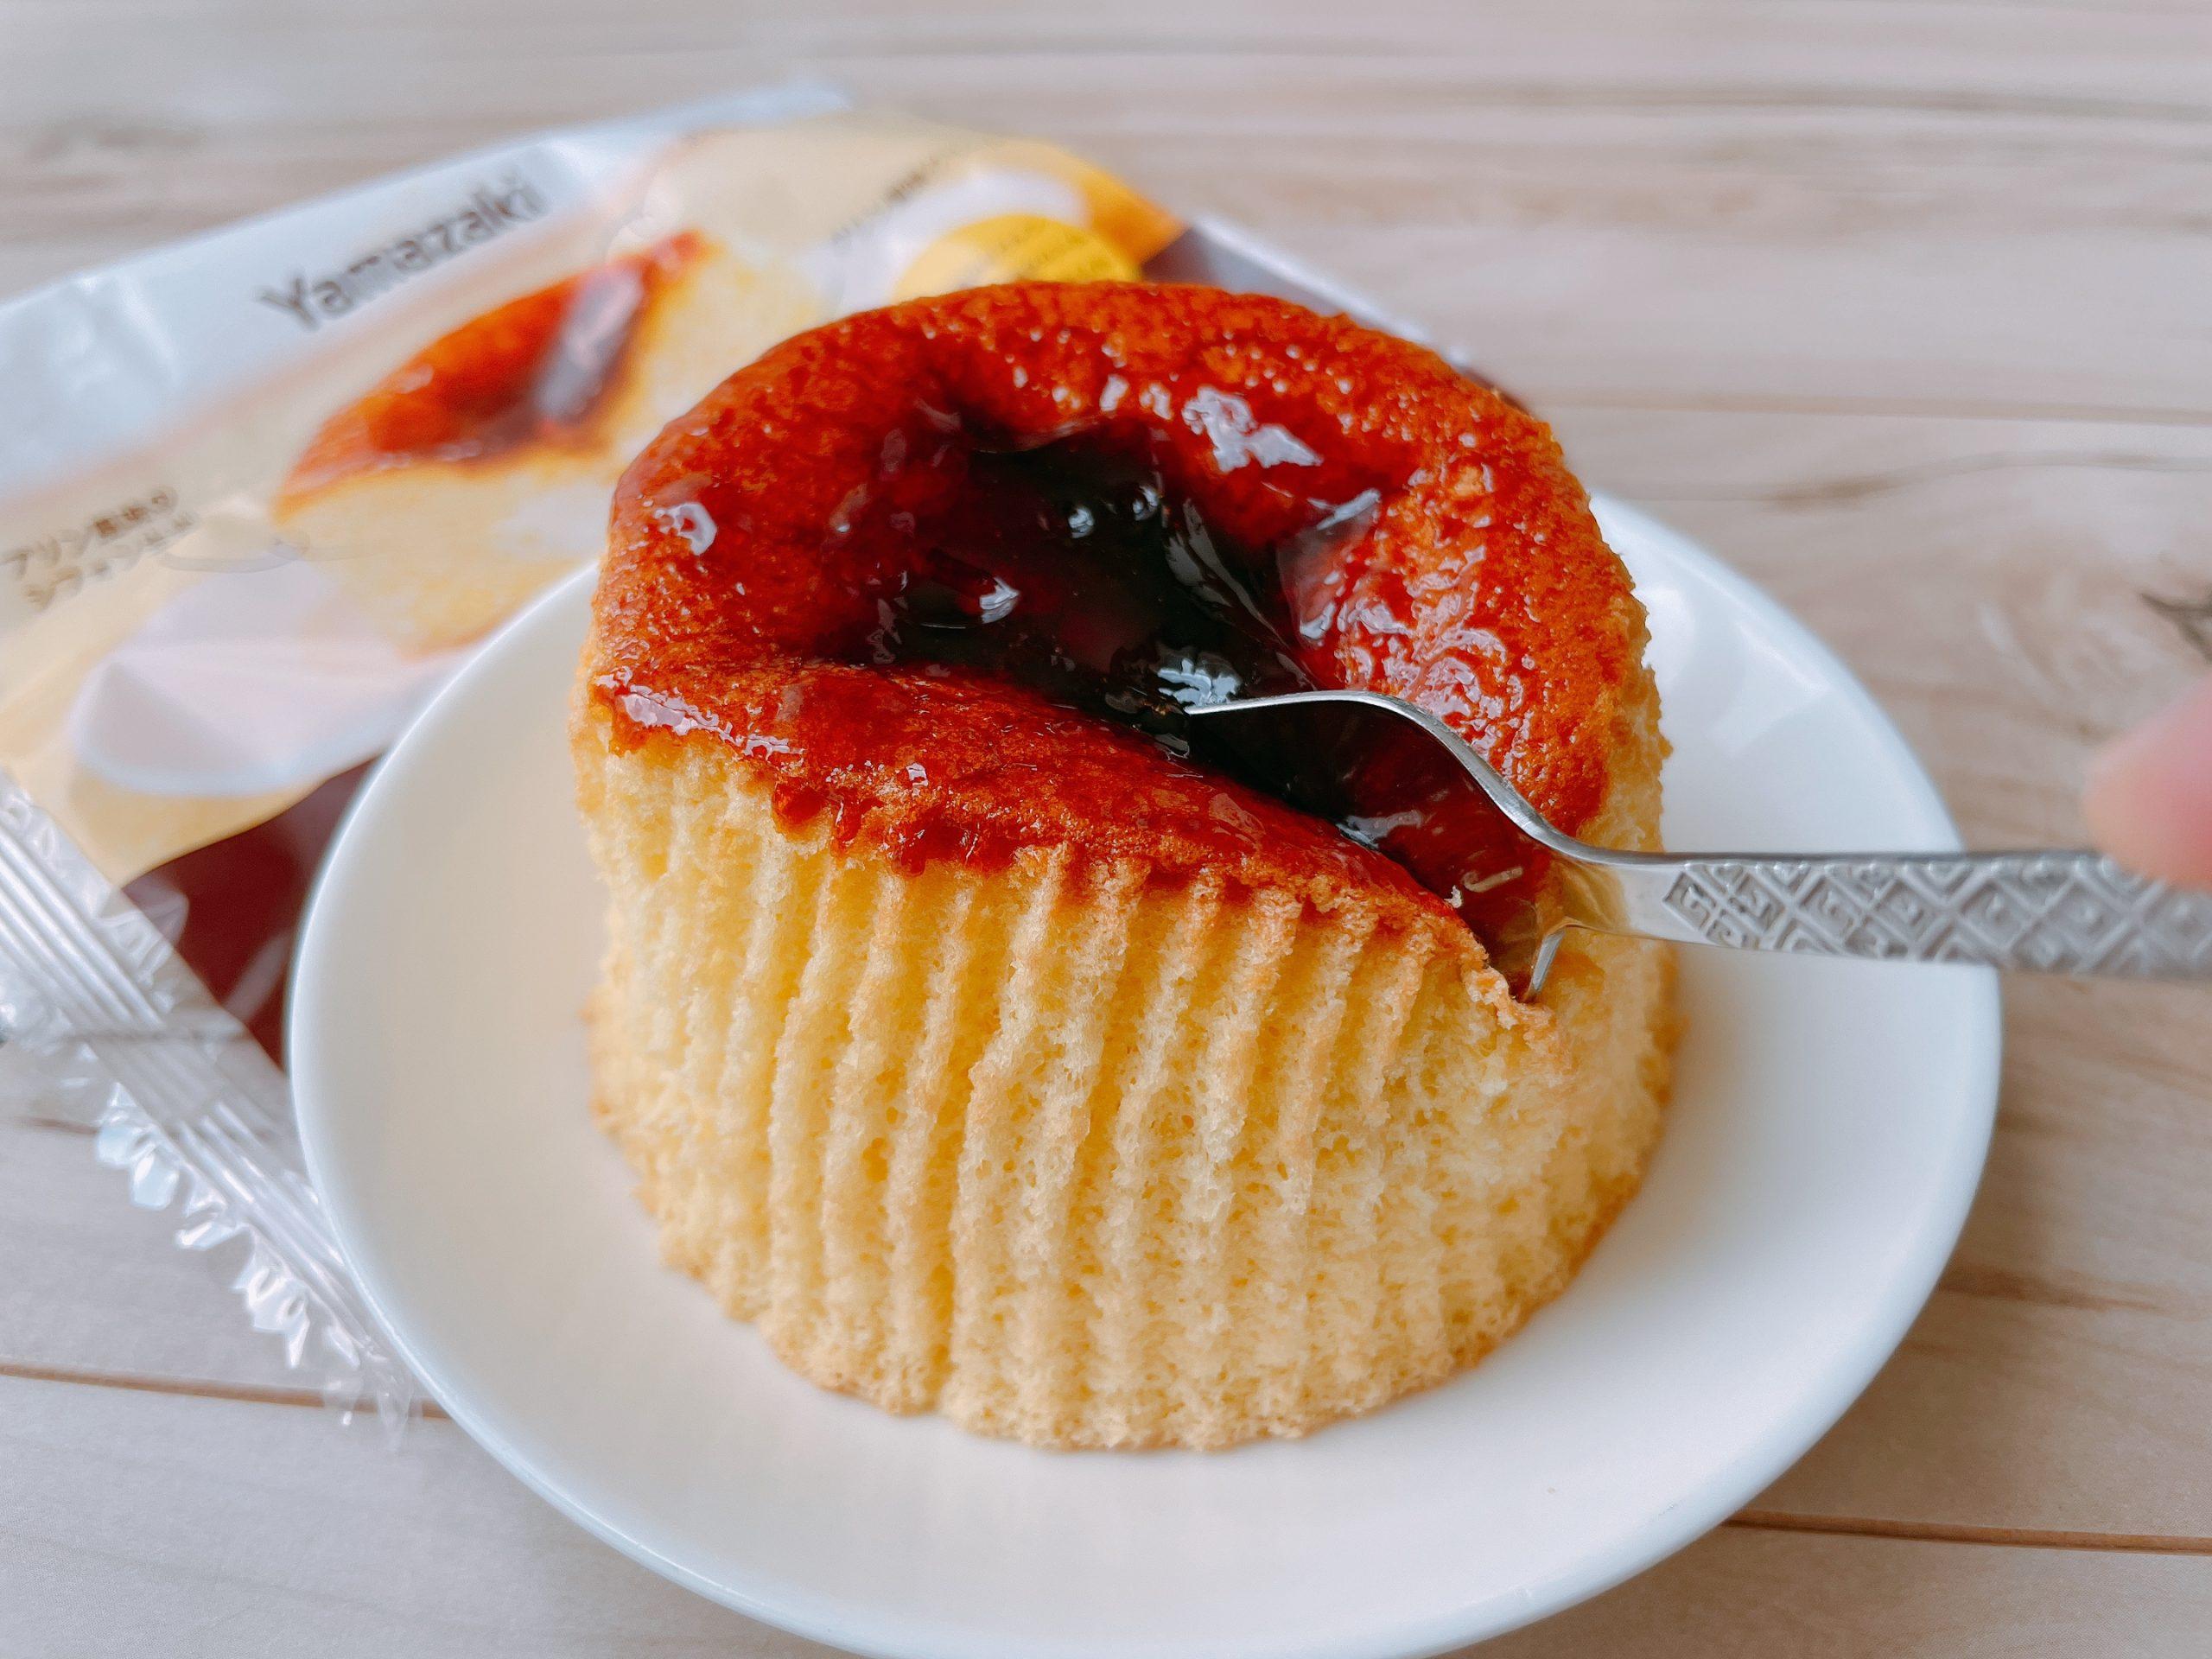 プリン風味シフォンケーキのシフォンケーキはふっかふか